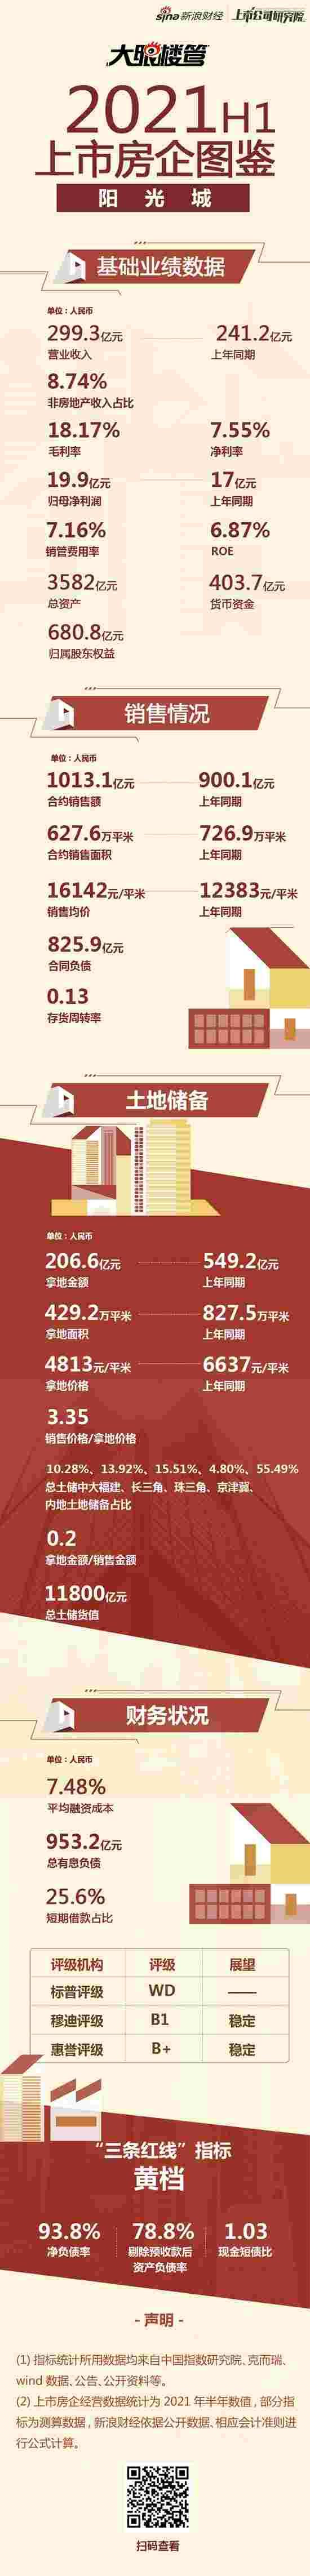 [房企图鉴]阳光城:上半年销售额1013亿元  拿地销售比20%